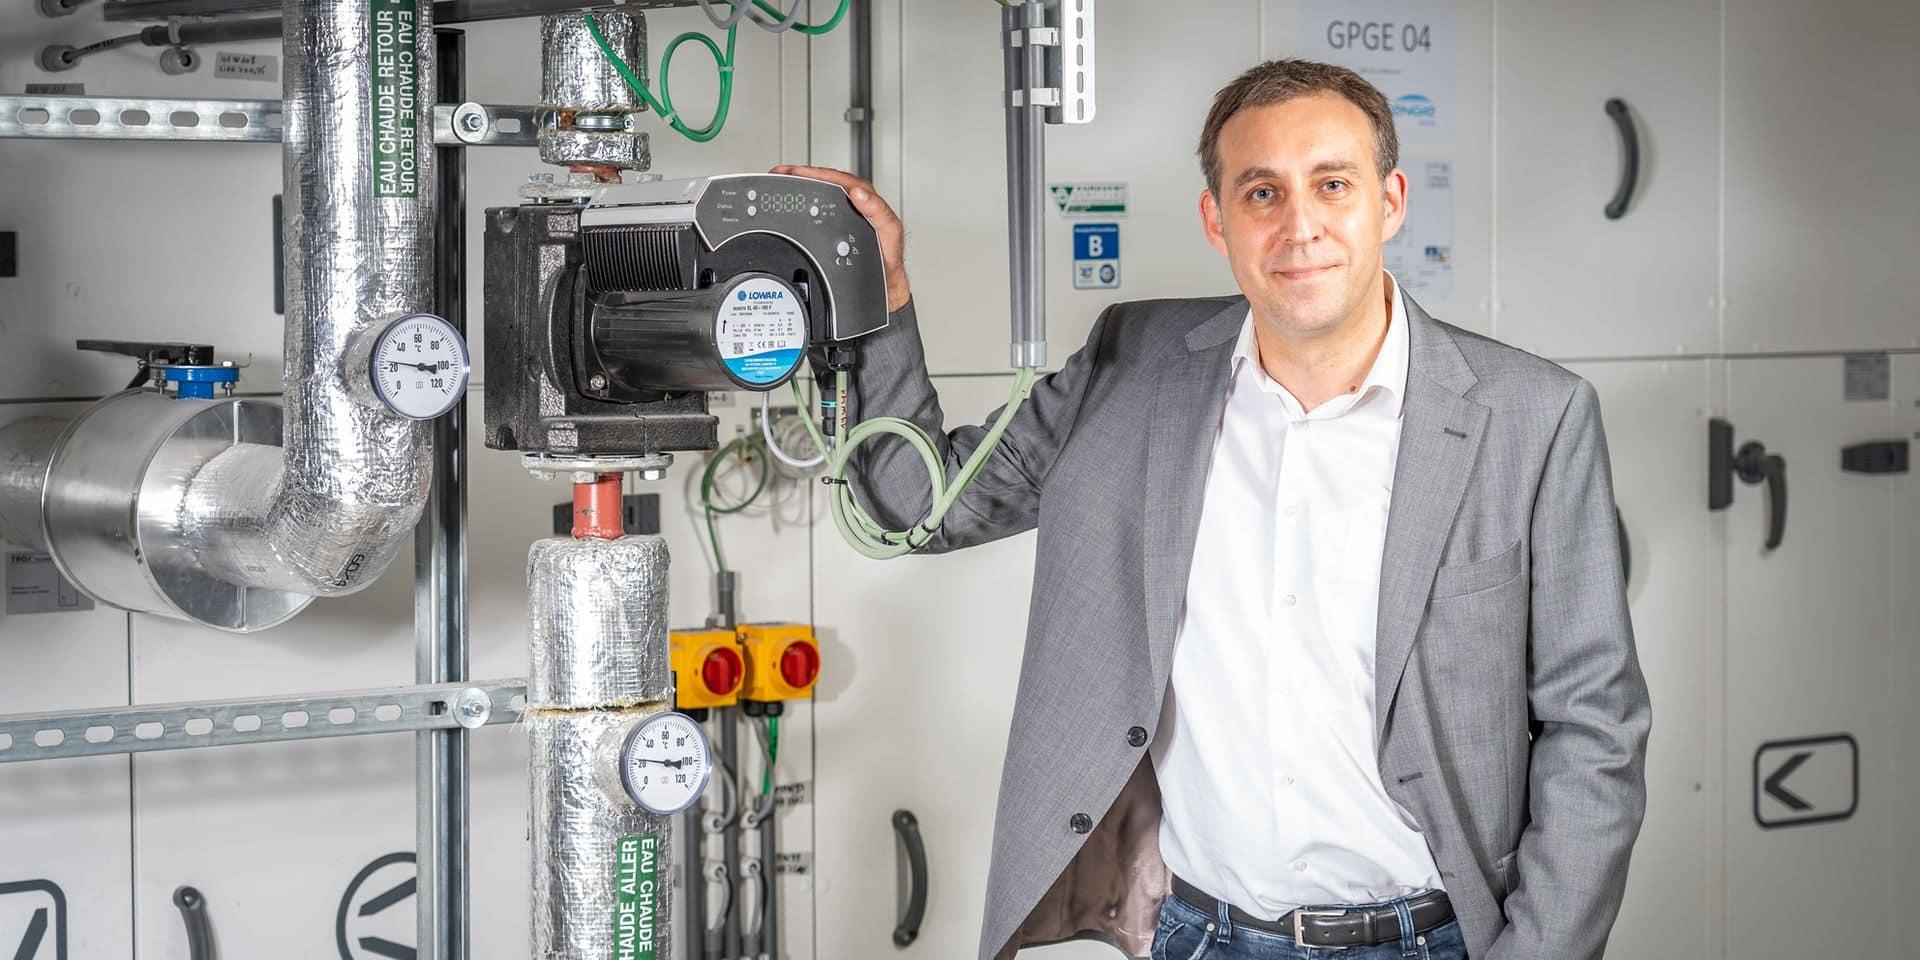 Frédéric Oleksandrow a suivi un cursus du REHVA qui mêle des notions techniques de chauffage, climatisation et ventilation à des notions biologiques de transmission du virus.